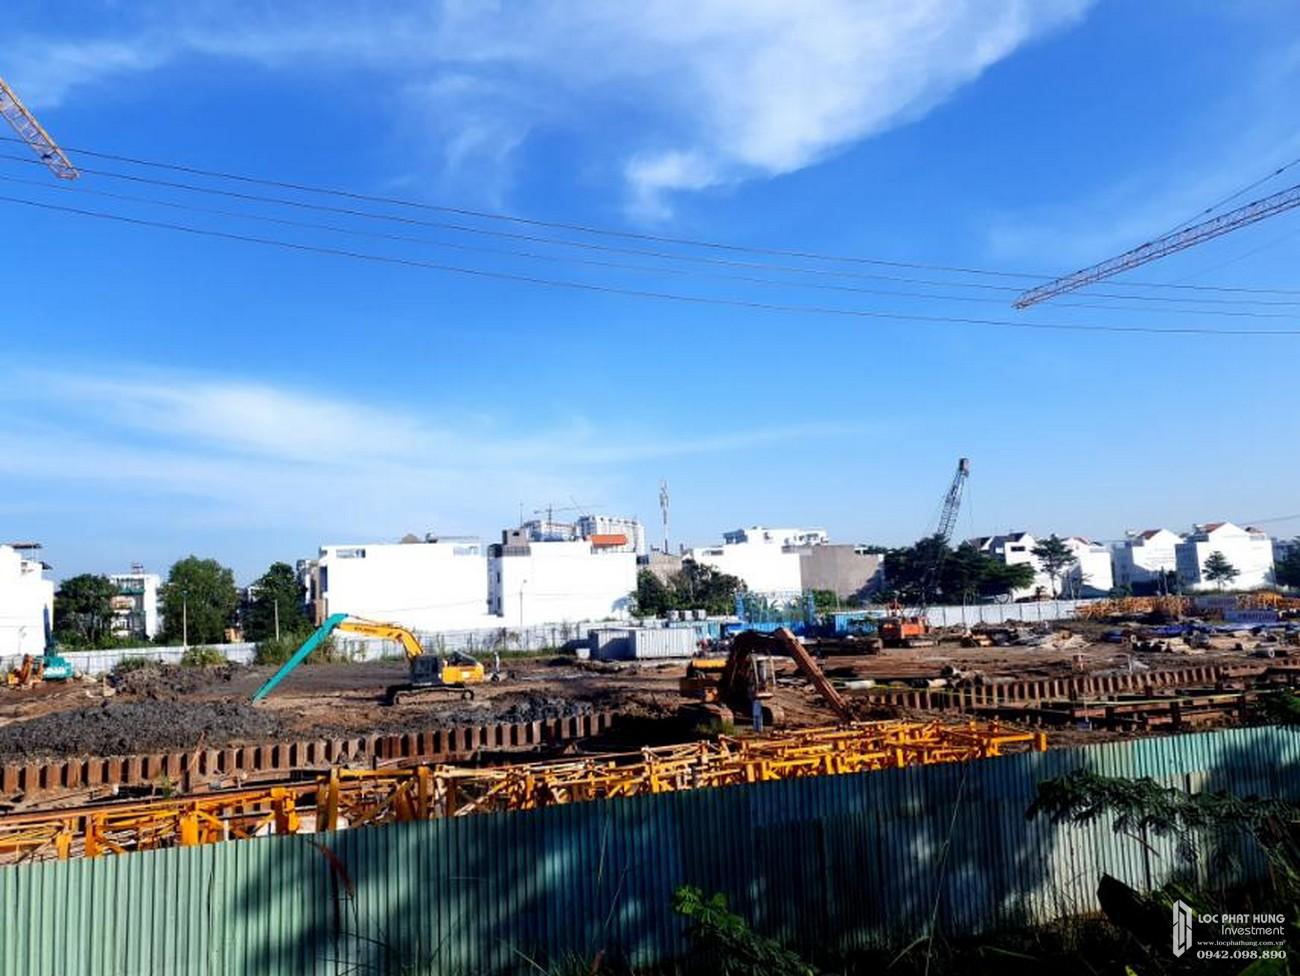 Tiến độ dự án căn hộ chung cư Dream Home Riverside Quận 8 Đường Nguyễn Văn Linh chủ đầu tư Công ty TNHH Lý Khương